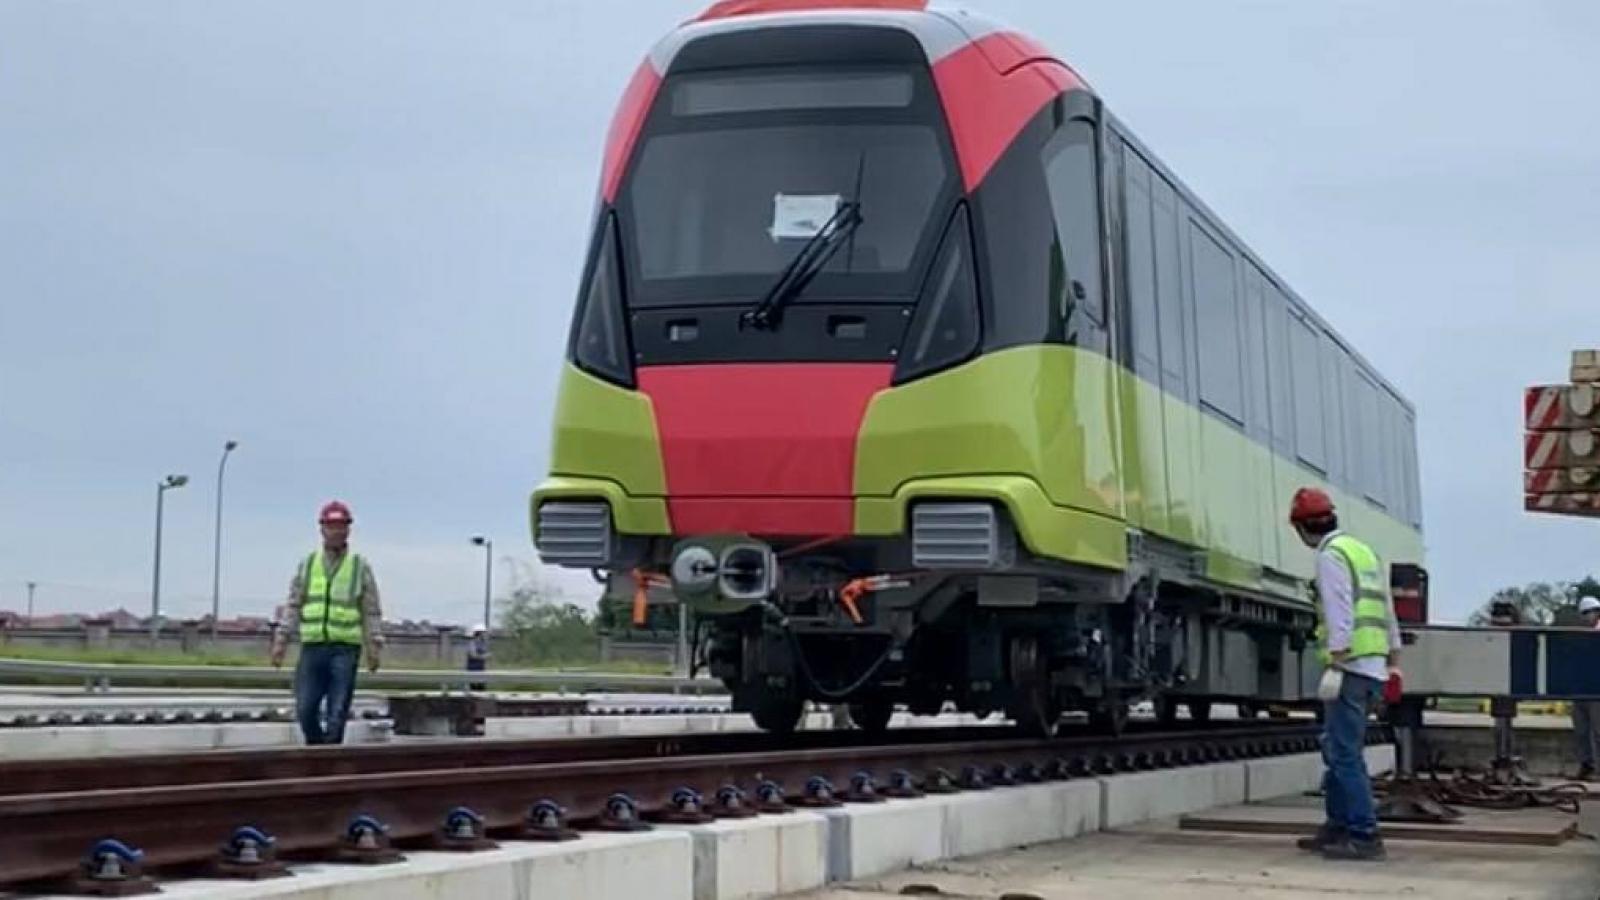 """Tàu Nhổn - ga Hà Nội bắt đầu chạy """"không tải"""", tháng 4/2021 sẽ chở khách?"""